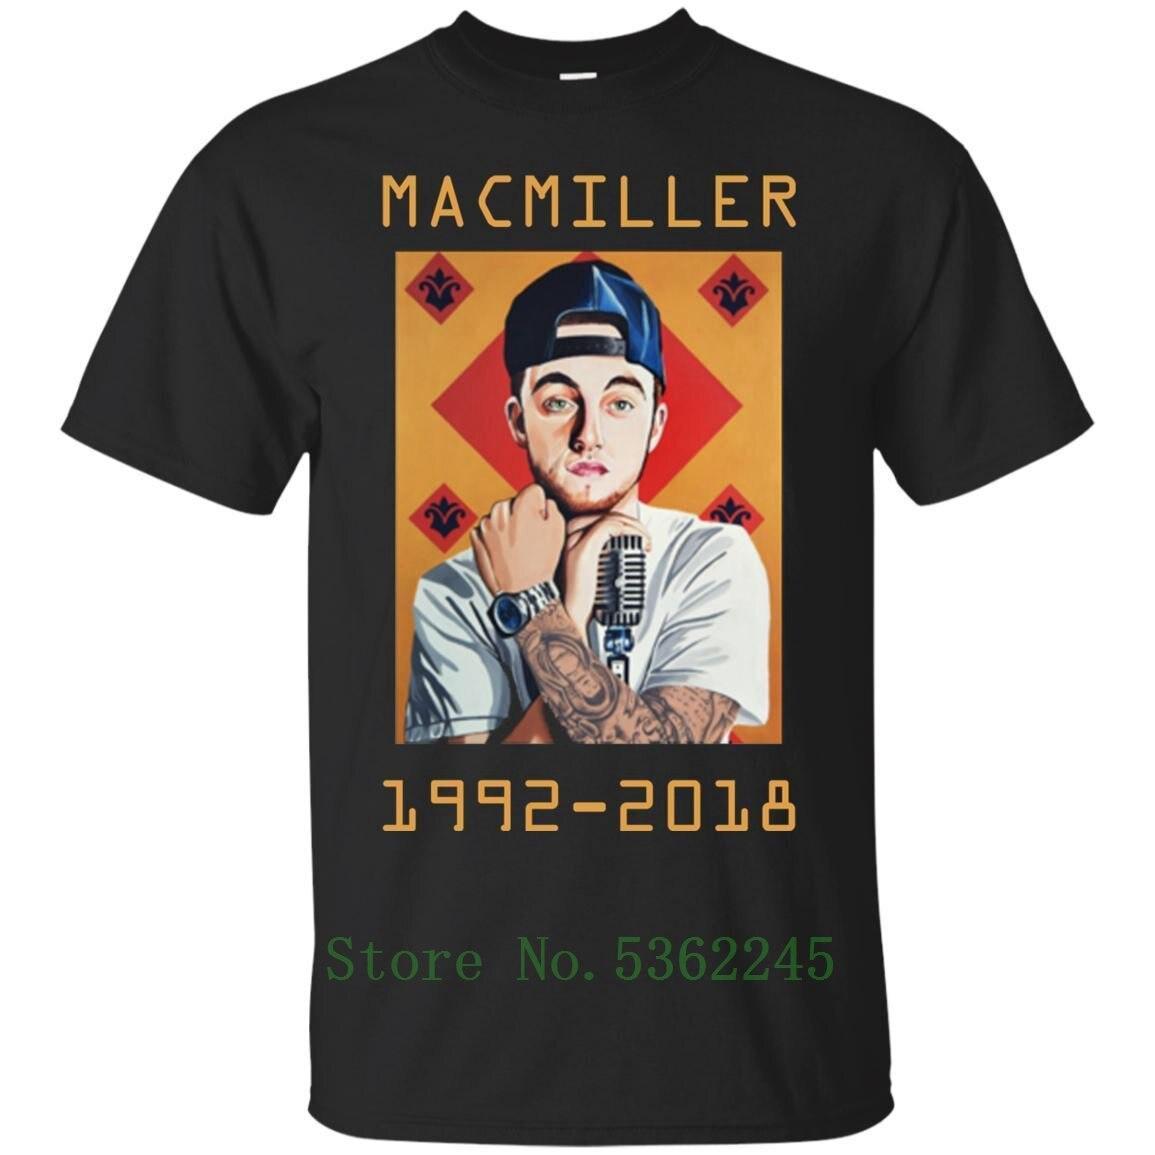 Camiseta preta-mac-miller 1992 - 2020 moda mac-miller camiseta para homem dos desenhos animados camiseta masculina presente novo unisex tshirt livre